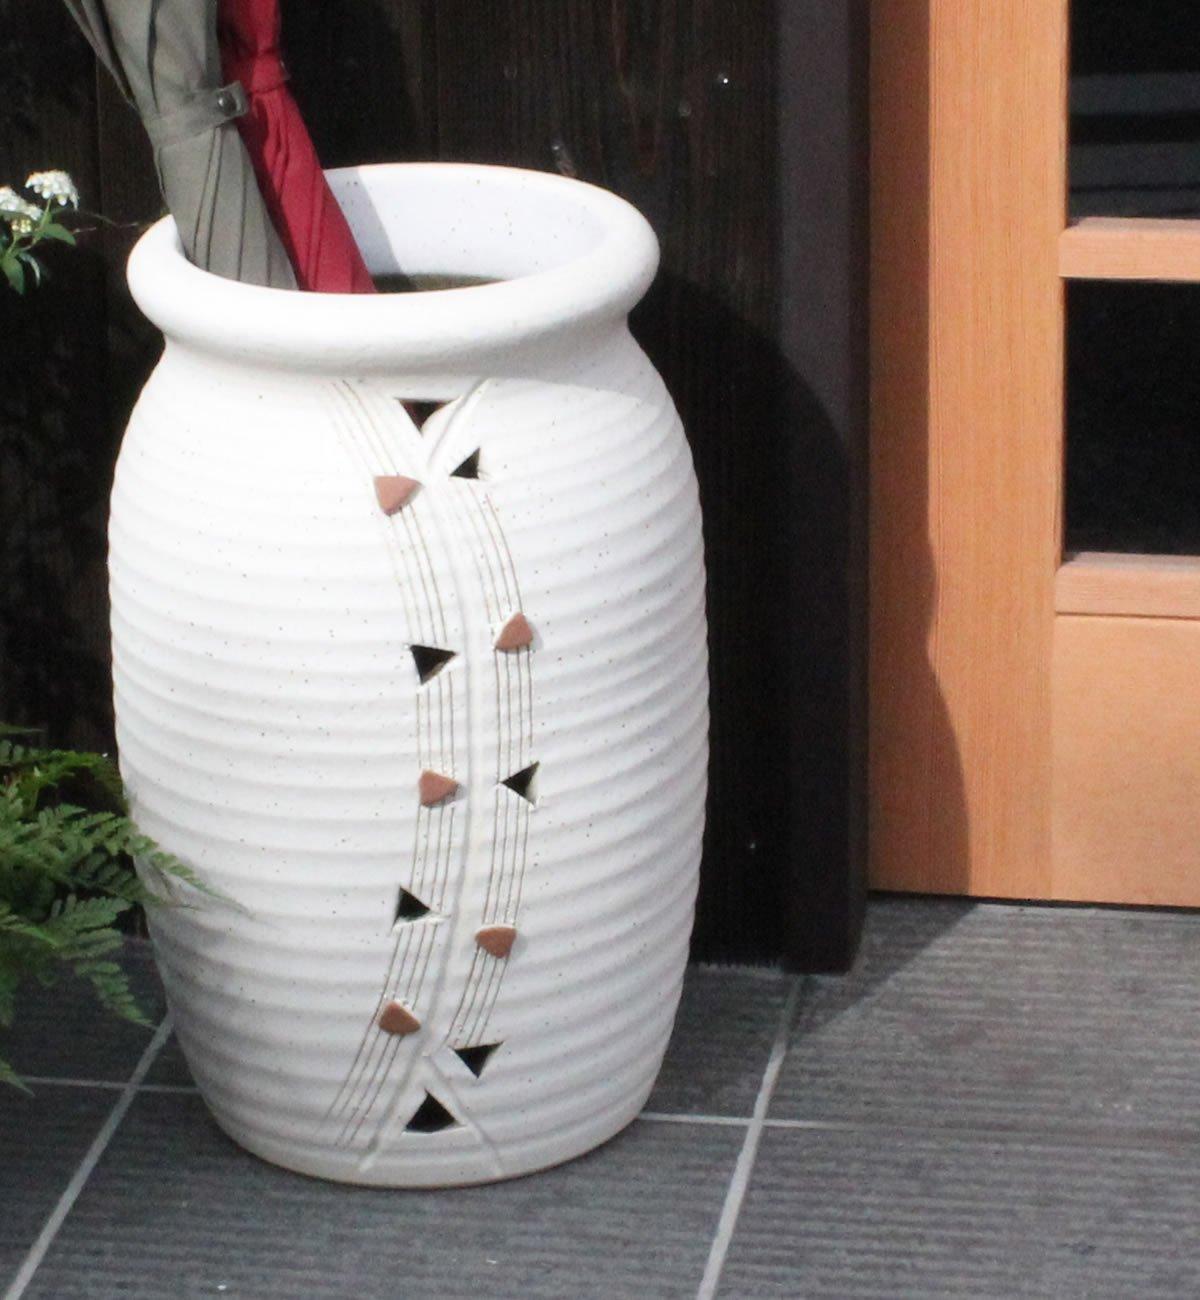 信楽焼 トライアングル壺型傘立て しがらき焼 笠立て 陶器 おしゃれ kt-0273 B01MY8UBR9